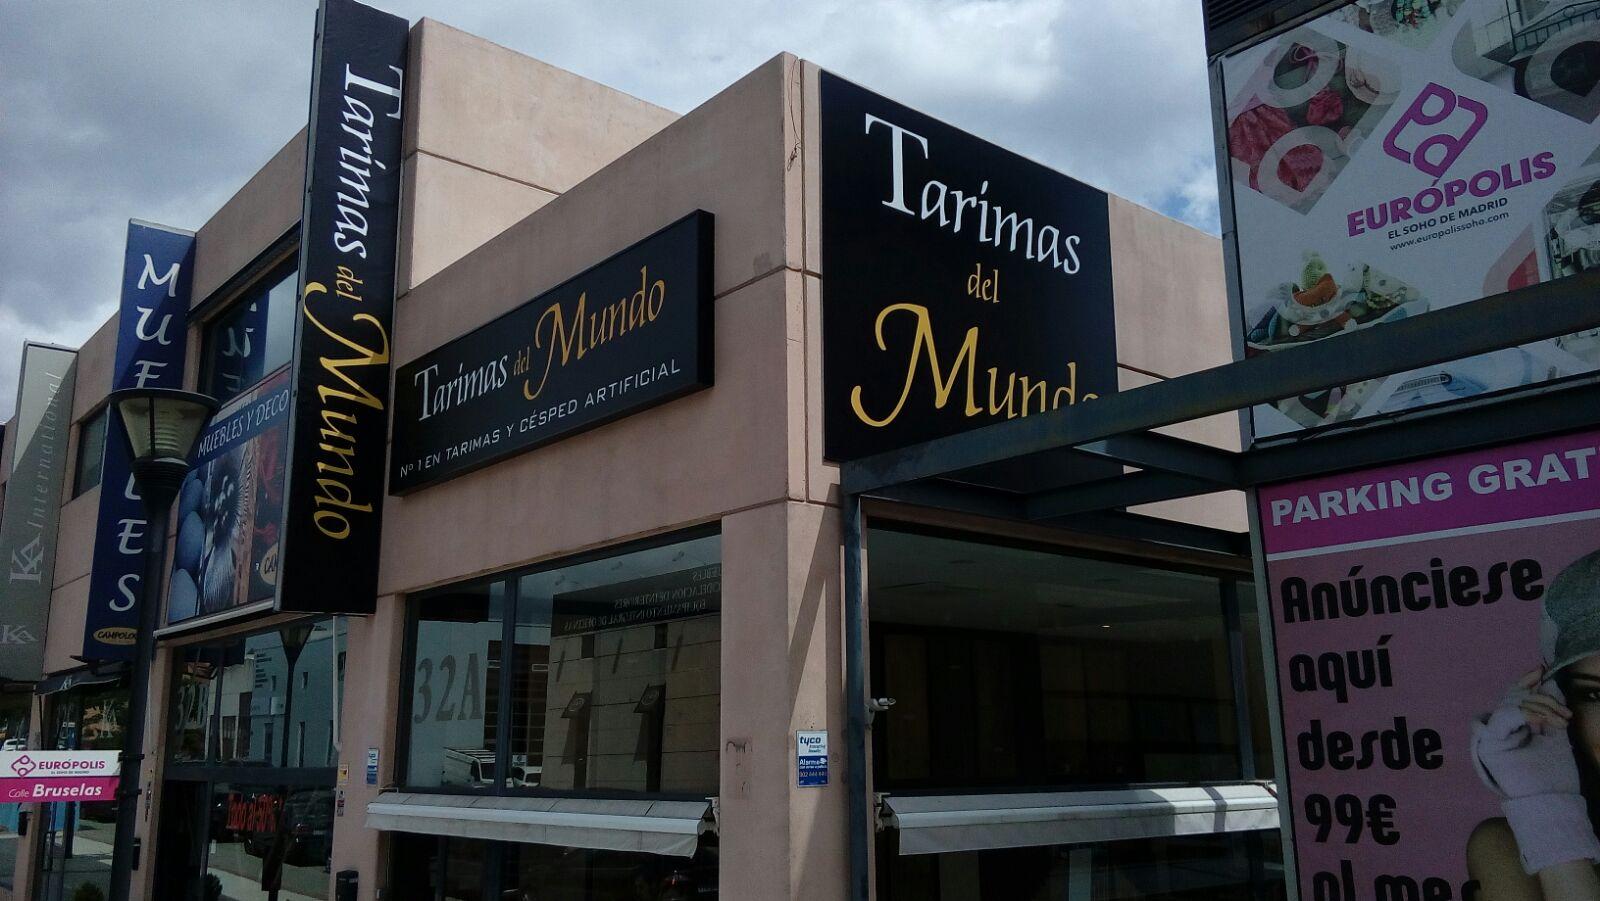 Tienda las rozas tienda de tarimas y parquet tarimas - Tarimas del mundo madrid ...